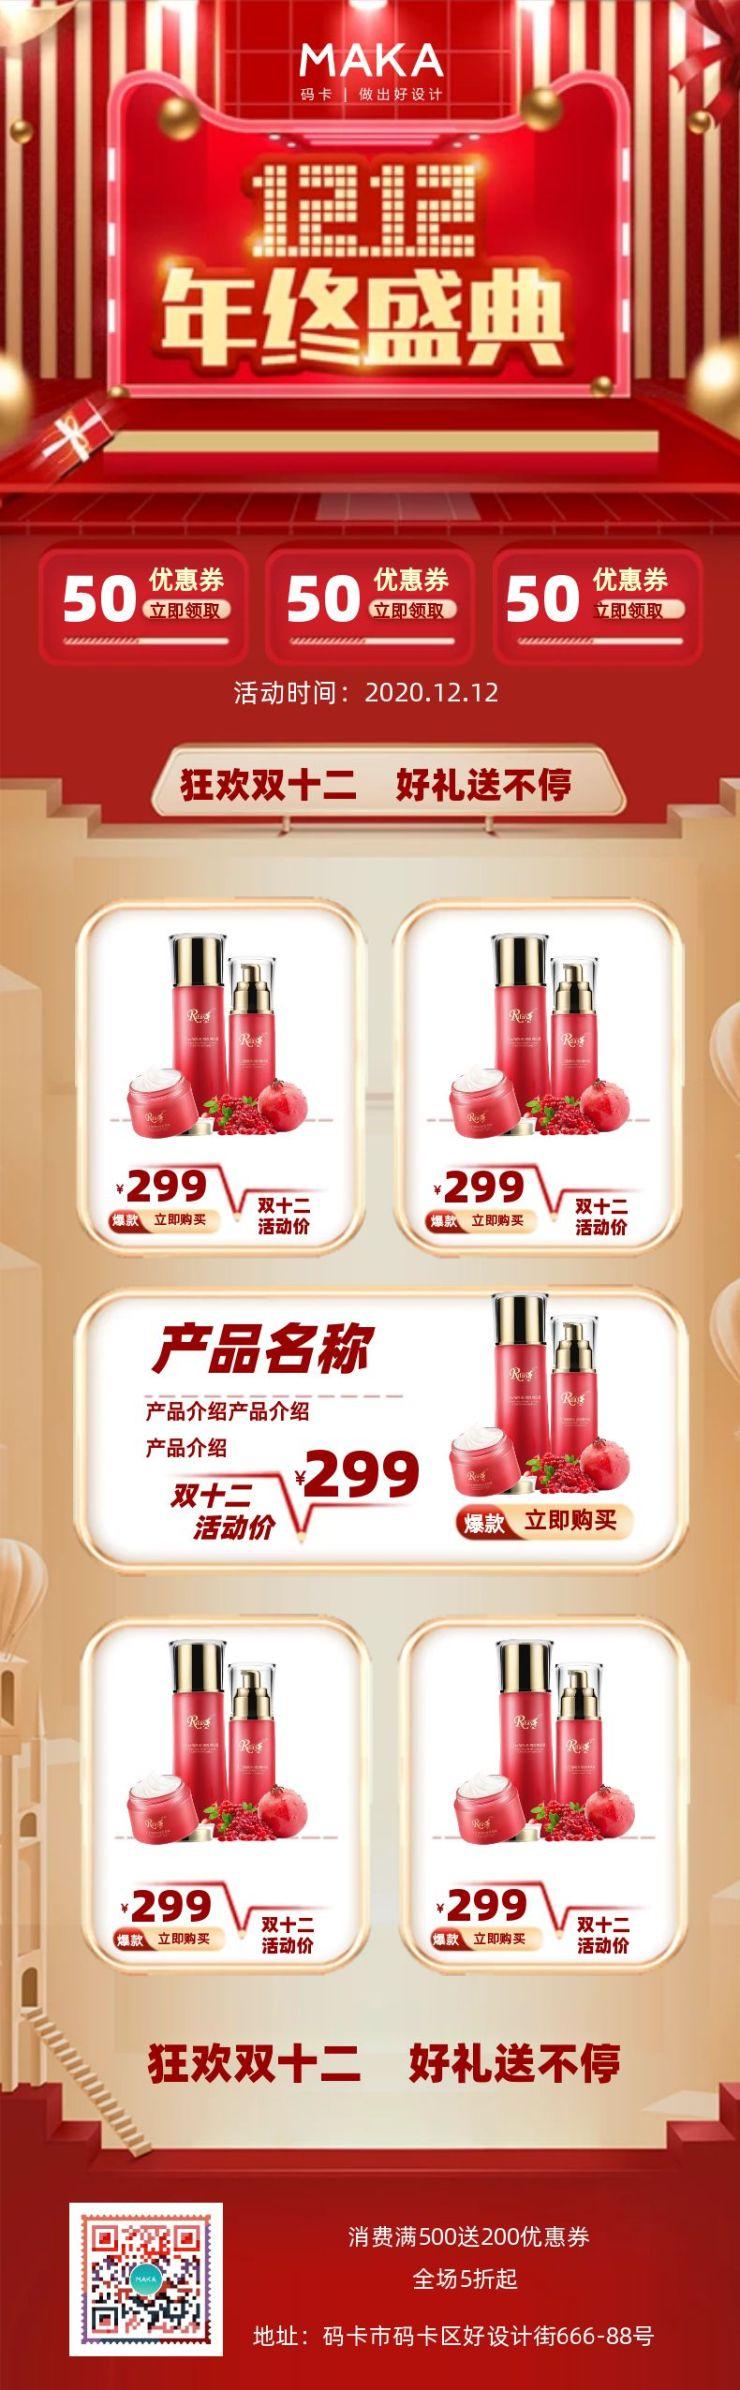 红色时尚炫酷双十二年终钜惠电商促销活动宣传详情页